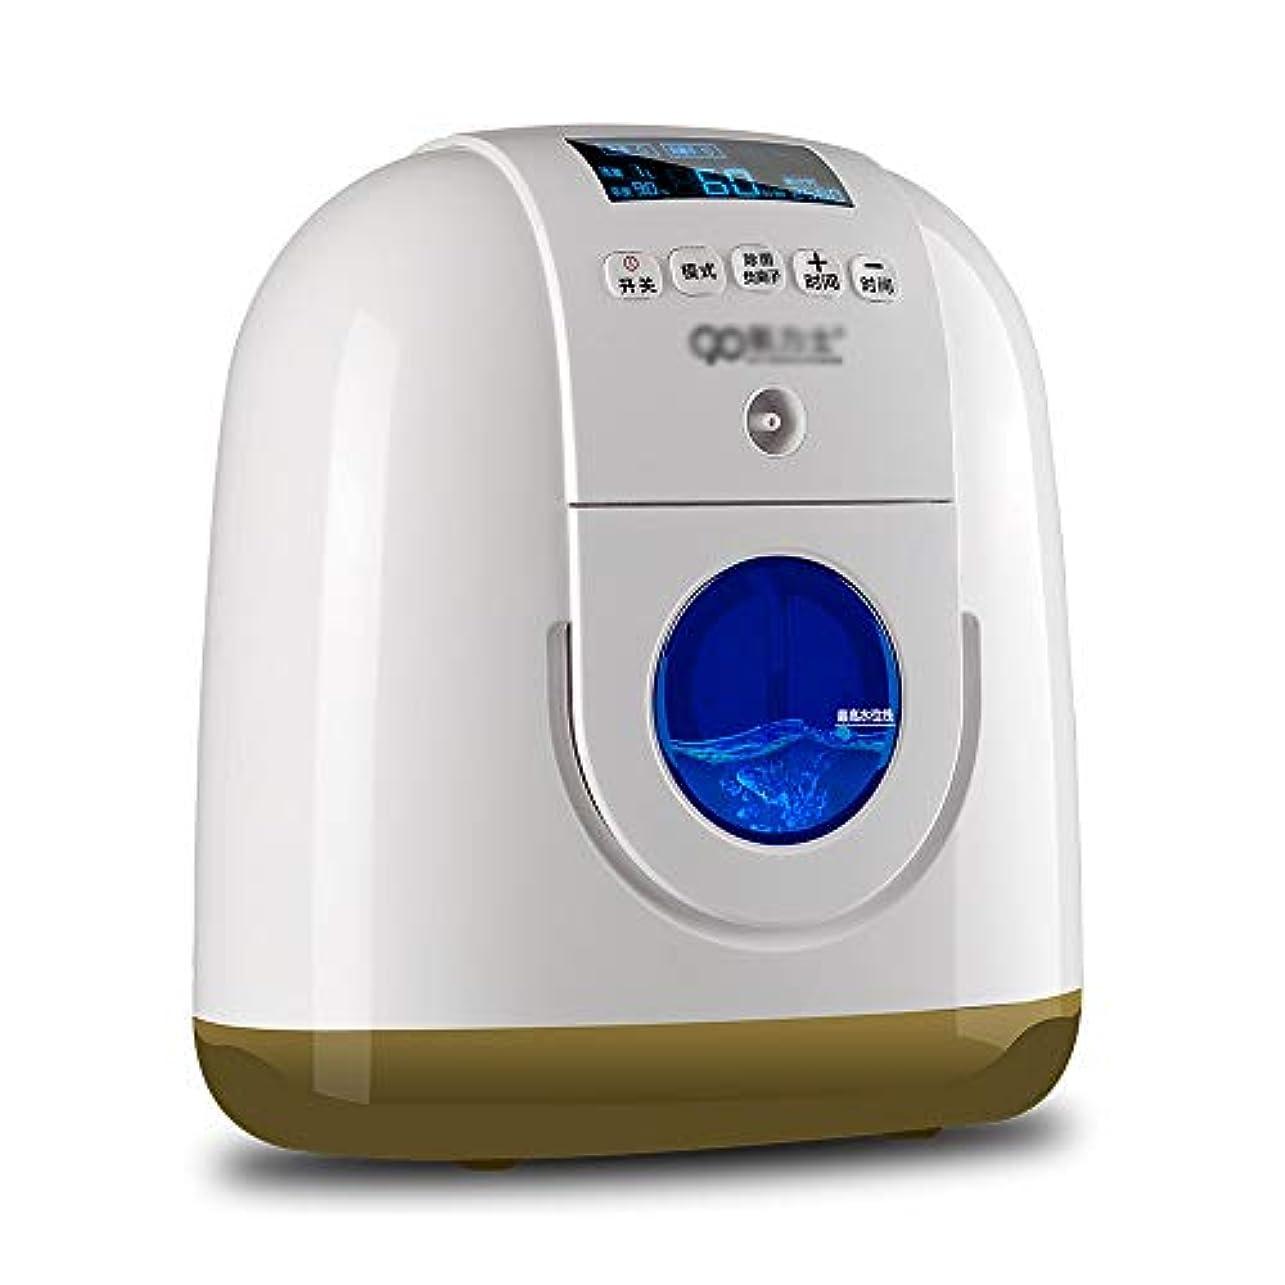 シニス視線醸造所Mei Xu 携帯用酸素機械世帯の酸素吸収剤の古い小さい妊娠中の女性8段階のろ過システムおよび噴霧化が付いている携帯用酸素機械びん 酸素バー